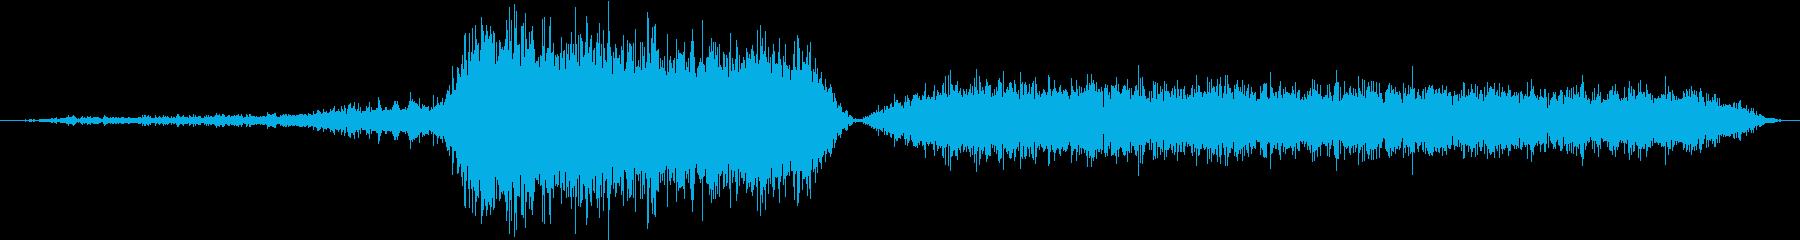 バイパー、サイのヒス、そして吸入。...の再生済みの波形